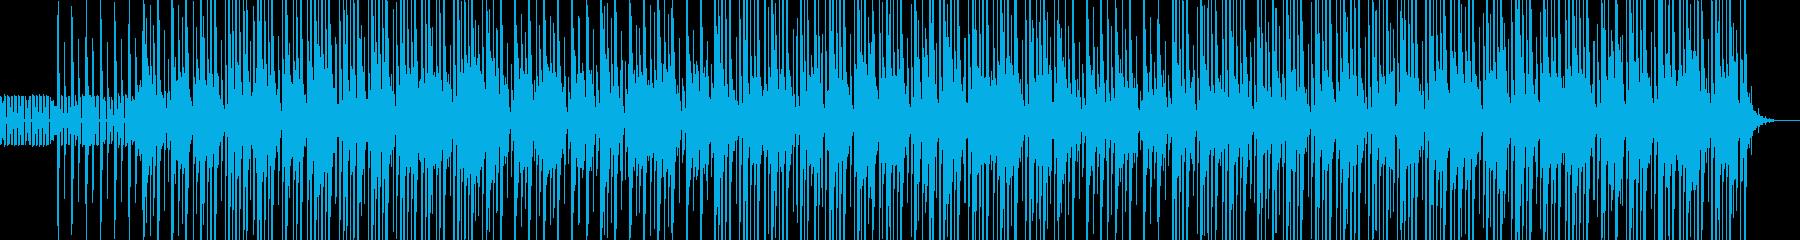 ポップ テクノ 実験的な 未来 テ...の再生済みの波形